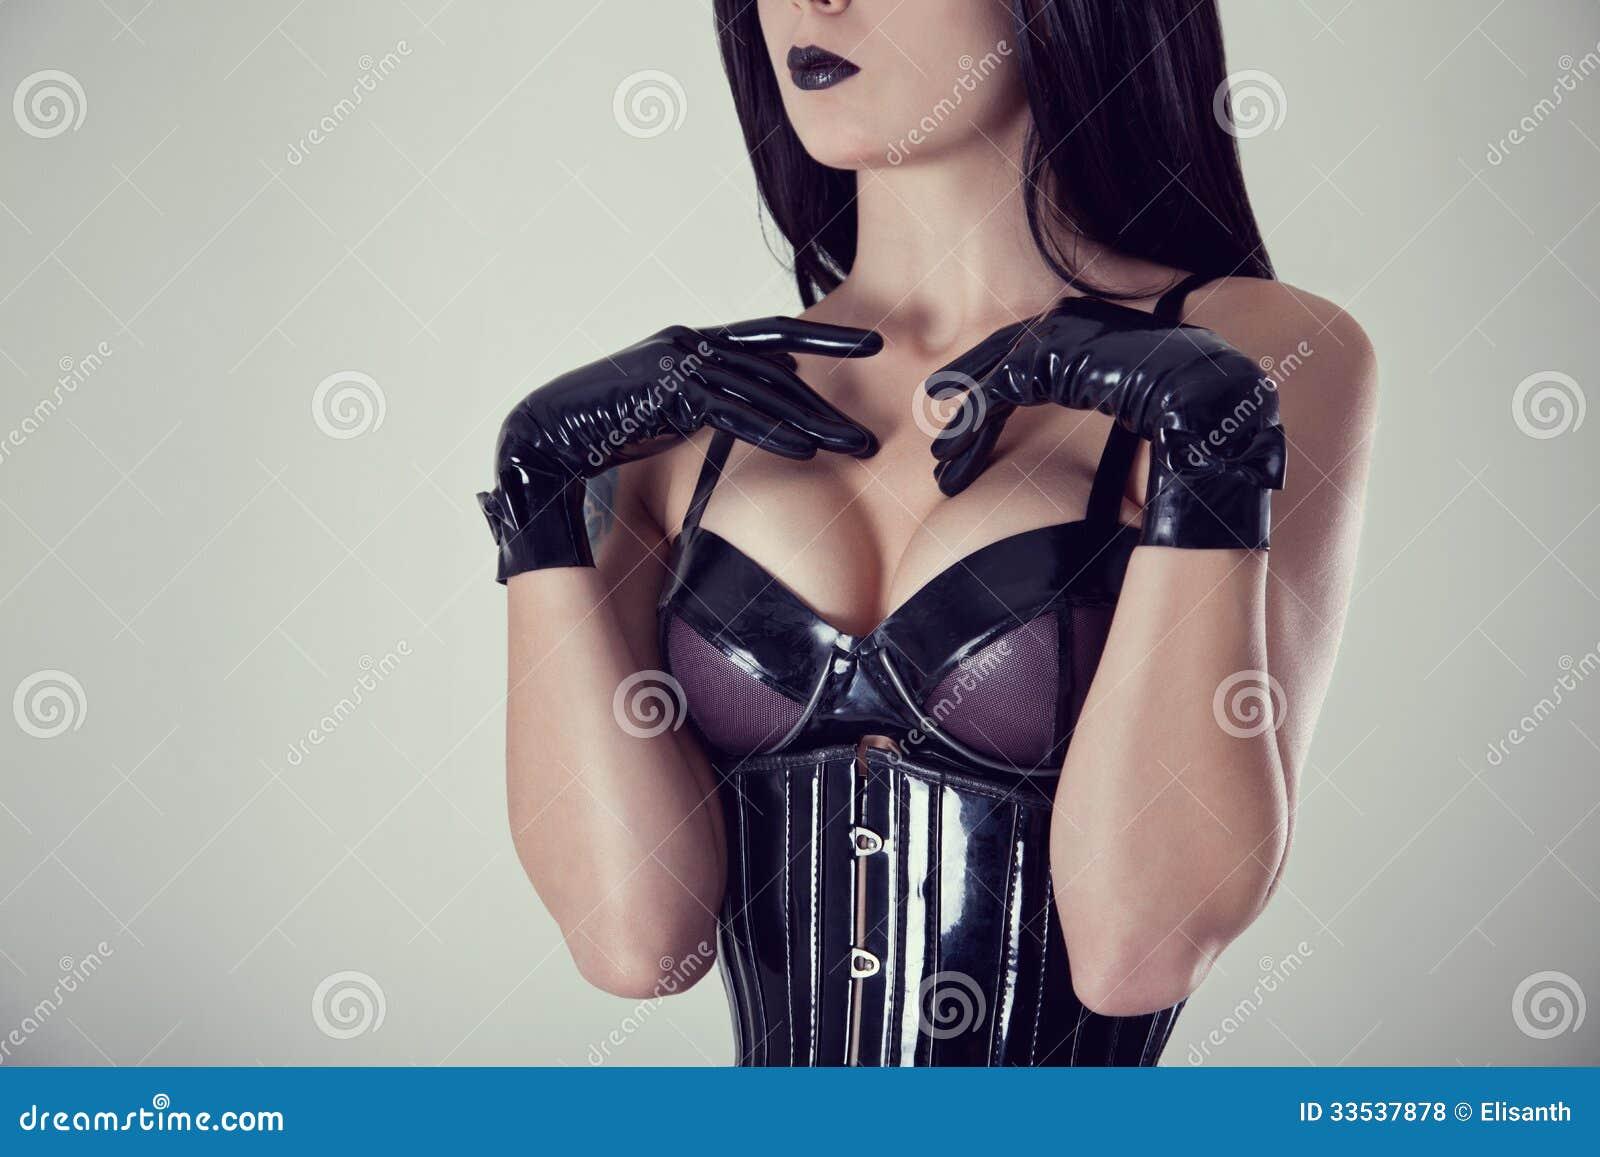 Услугой госпожа по секс телефону, Номера секса по телефону - госпожа и Раб 27 фотография